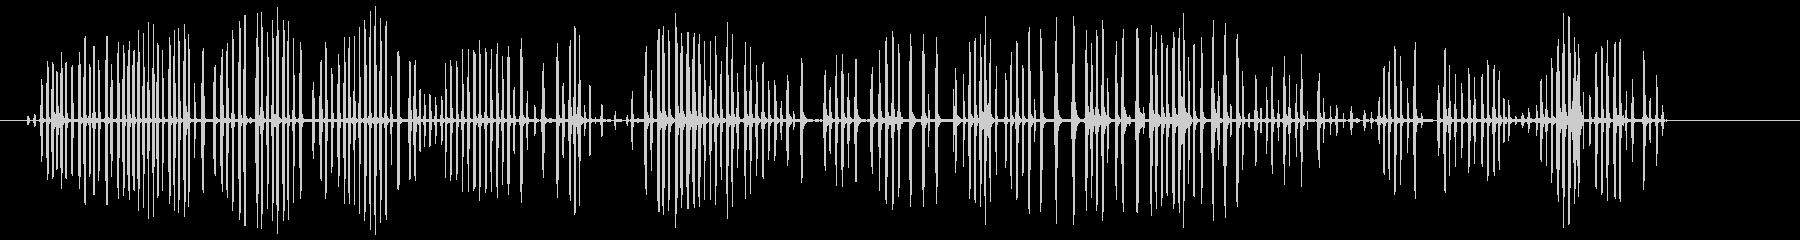 シマリスのおしゃべり。高音の安定し...の未再生の波形